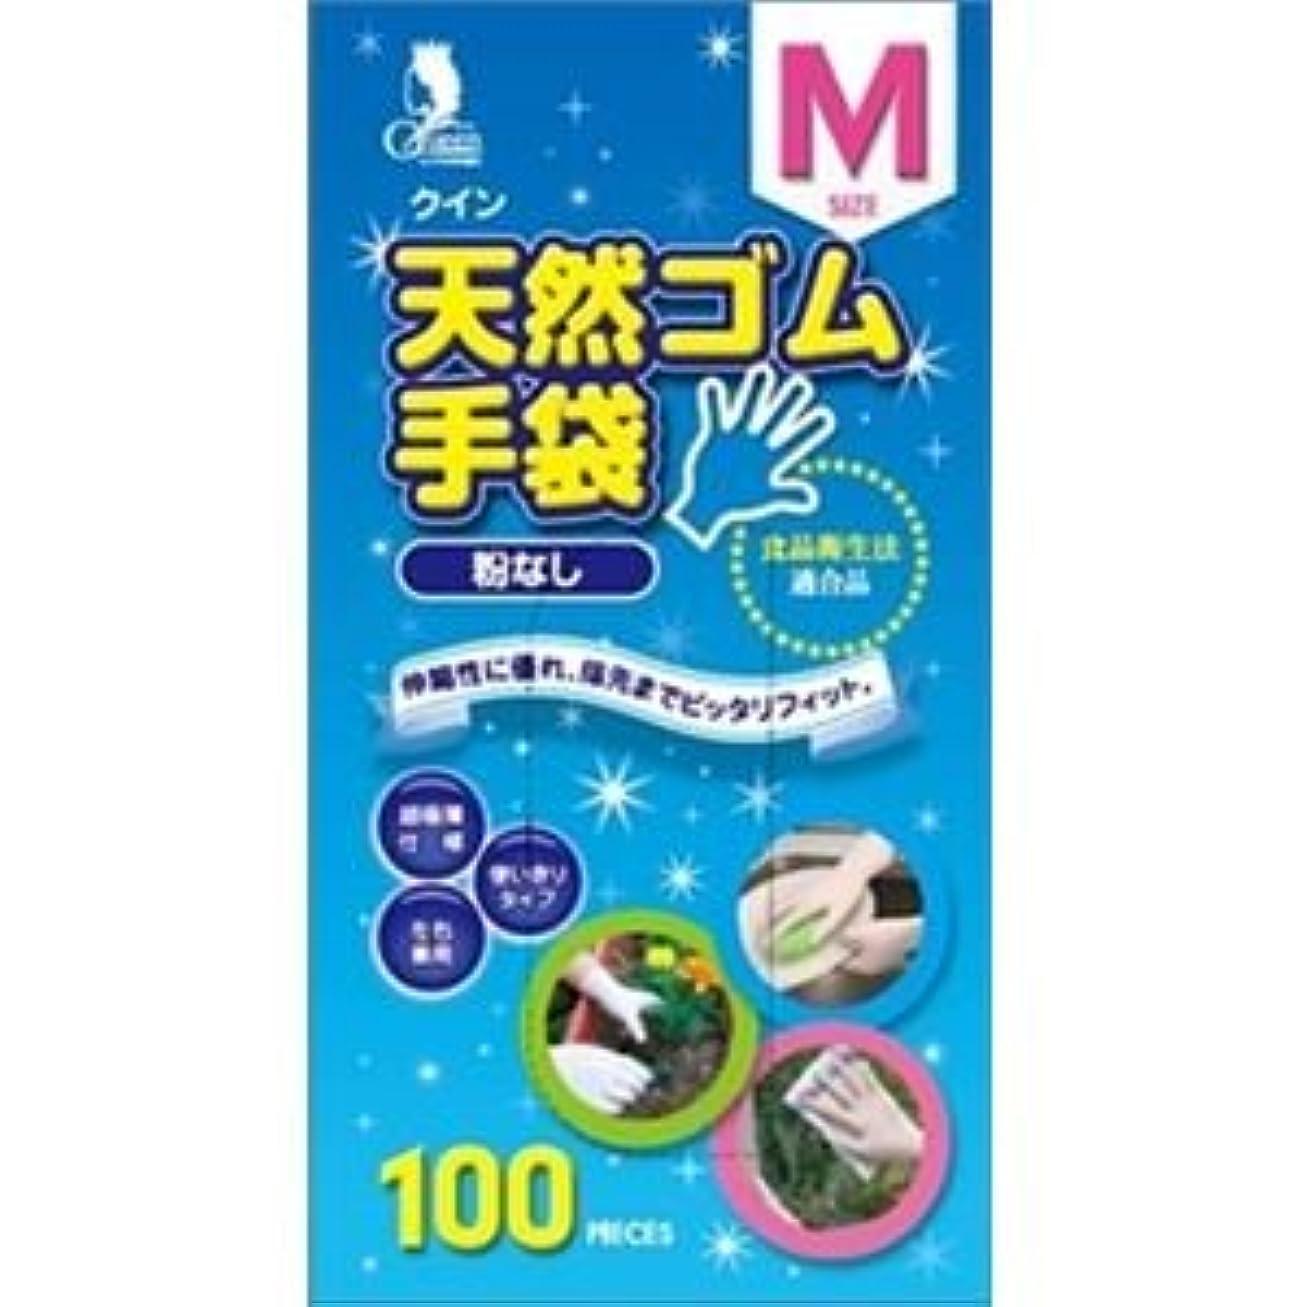 ペンダント遺伝子不調和(まとめ)宇都宮製作 クイン天然ゴム手袋 M 100枚入 (N) 【×3点セット】